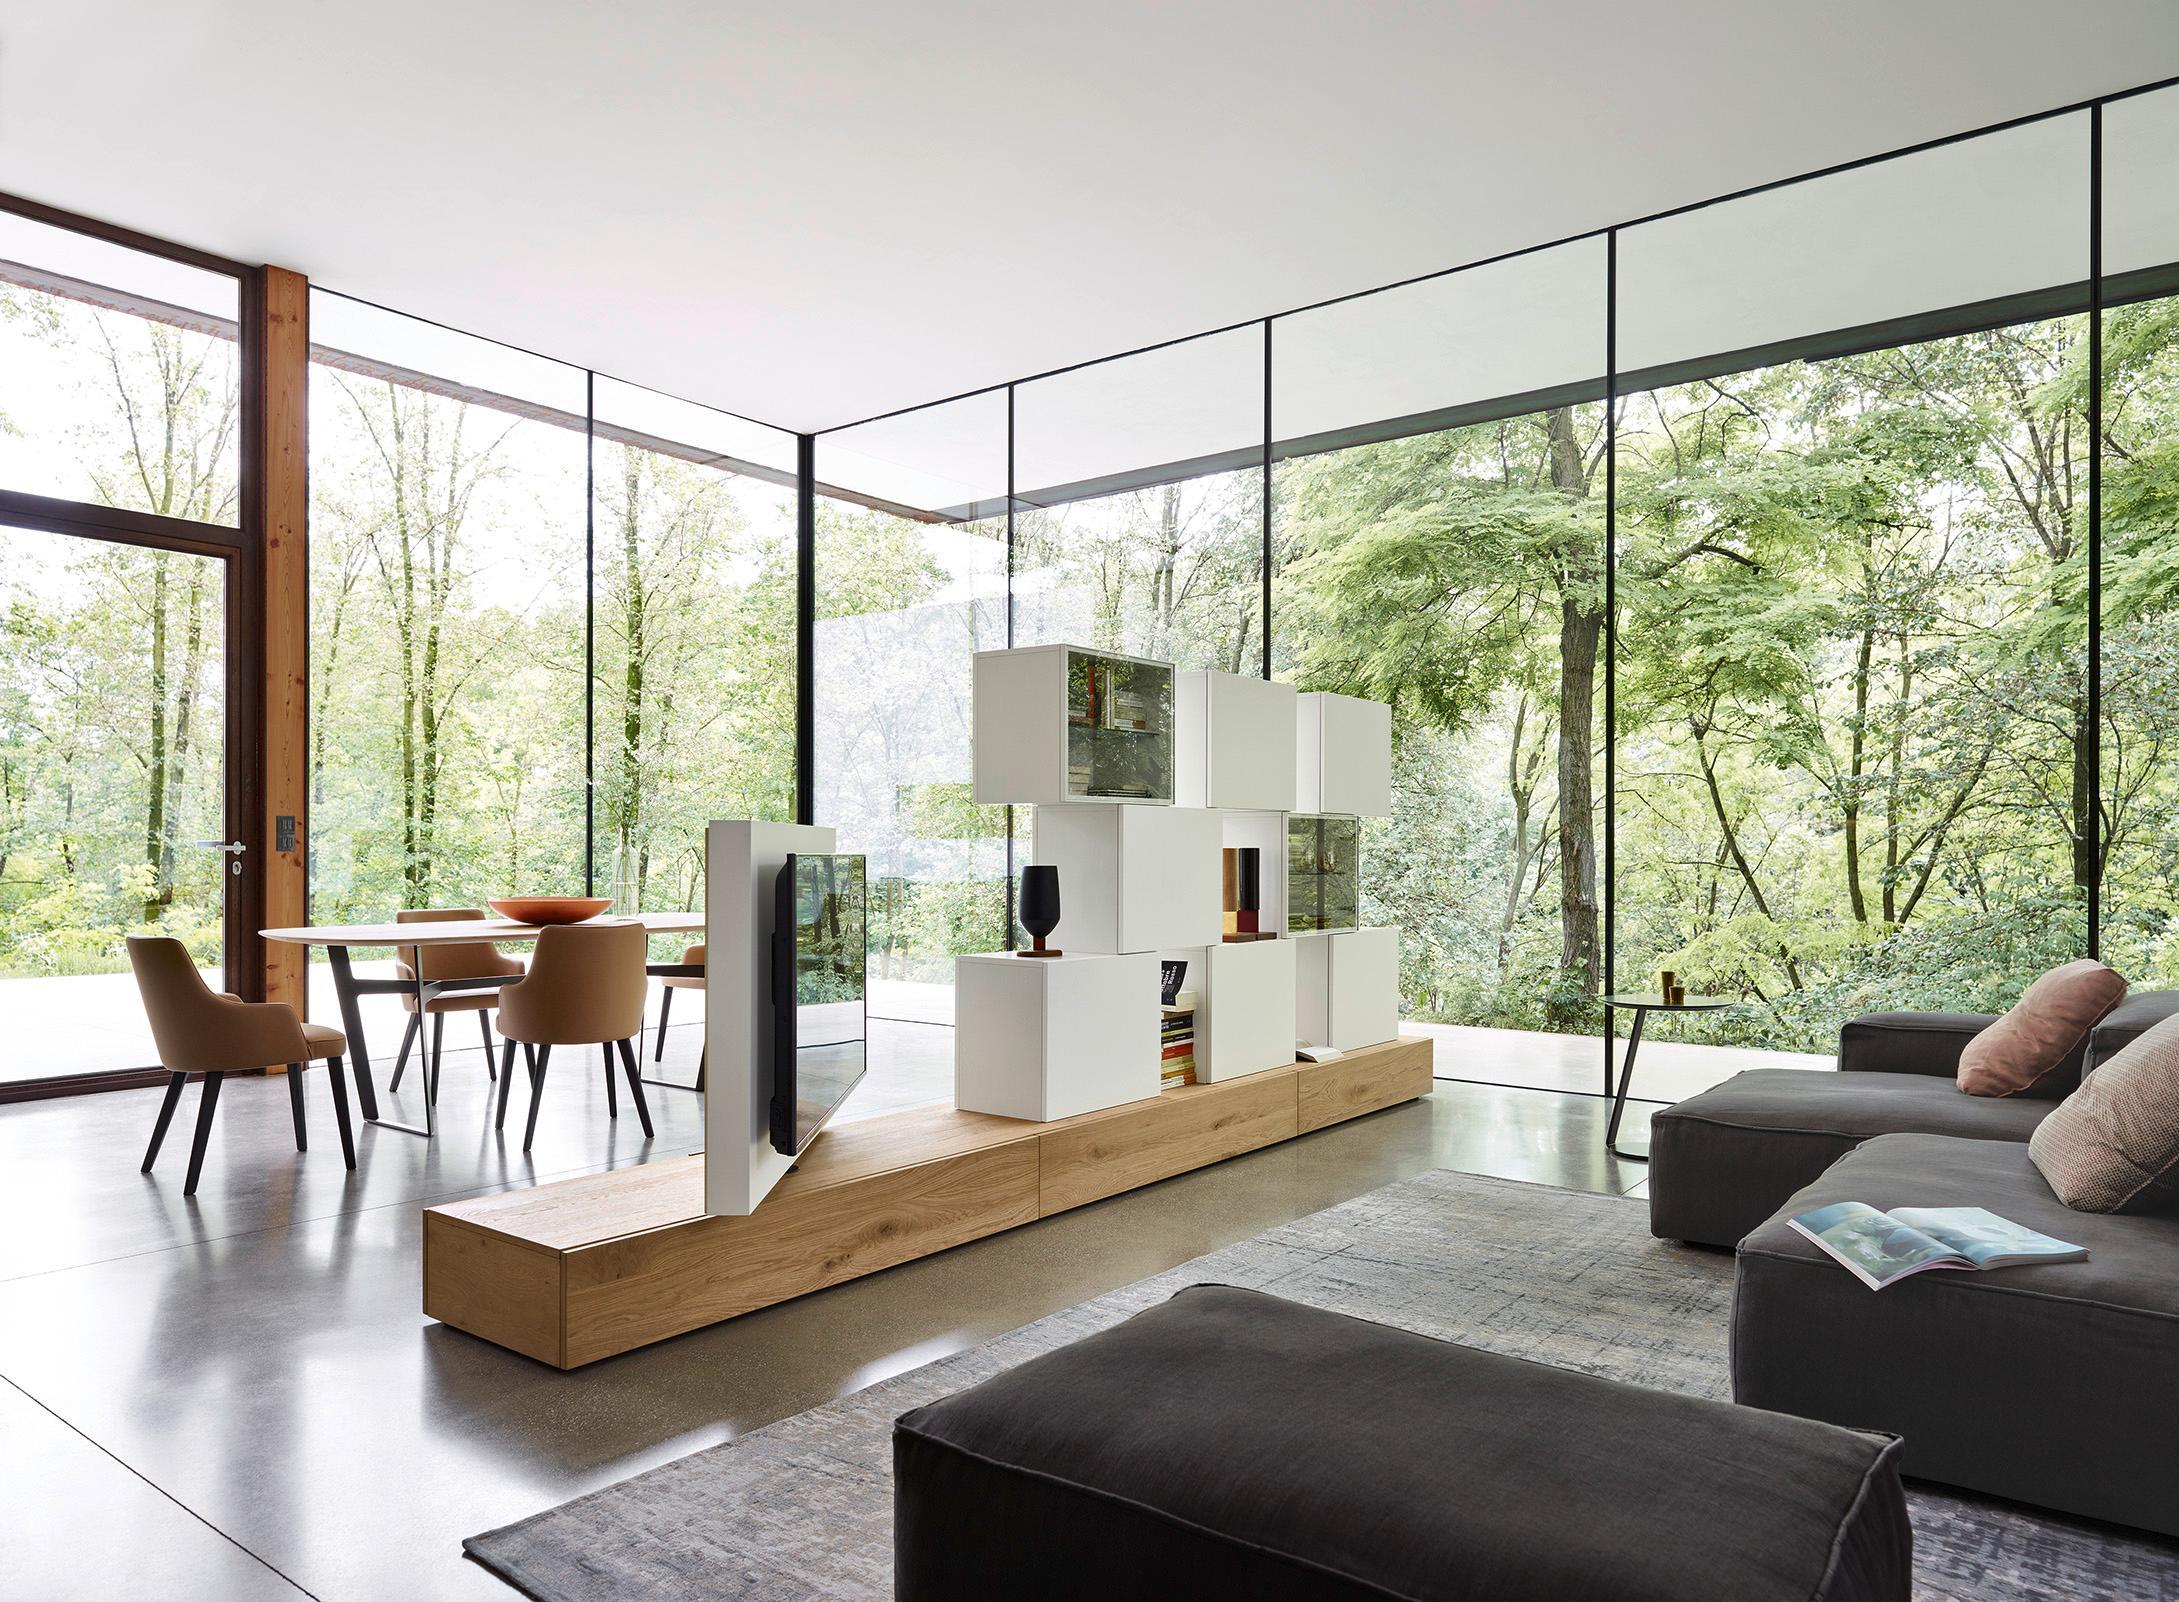 B cherregal bilder ideen couchstyle for Gerahmte bilder wohnzimmer